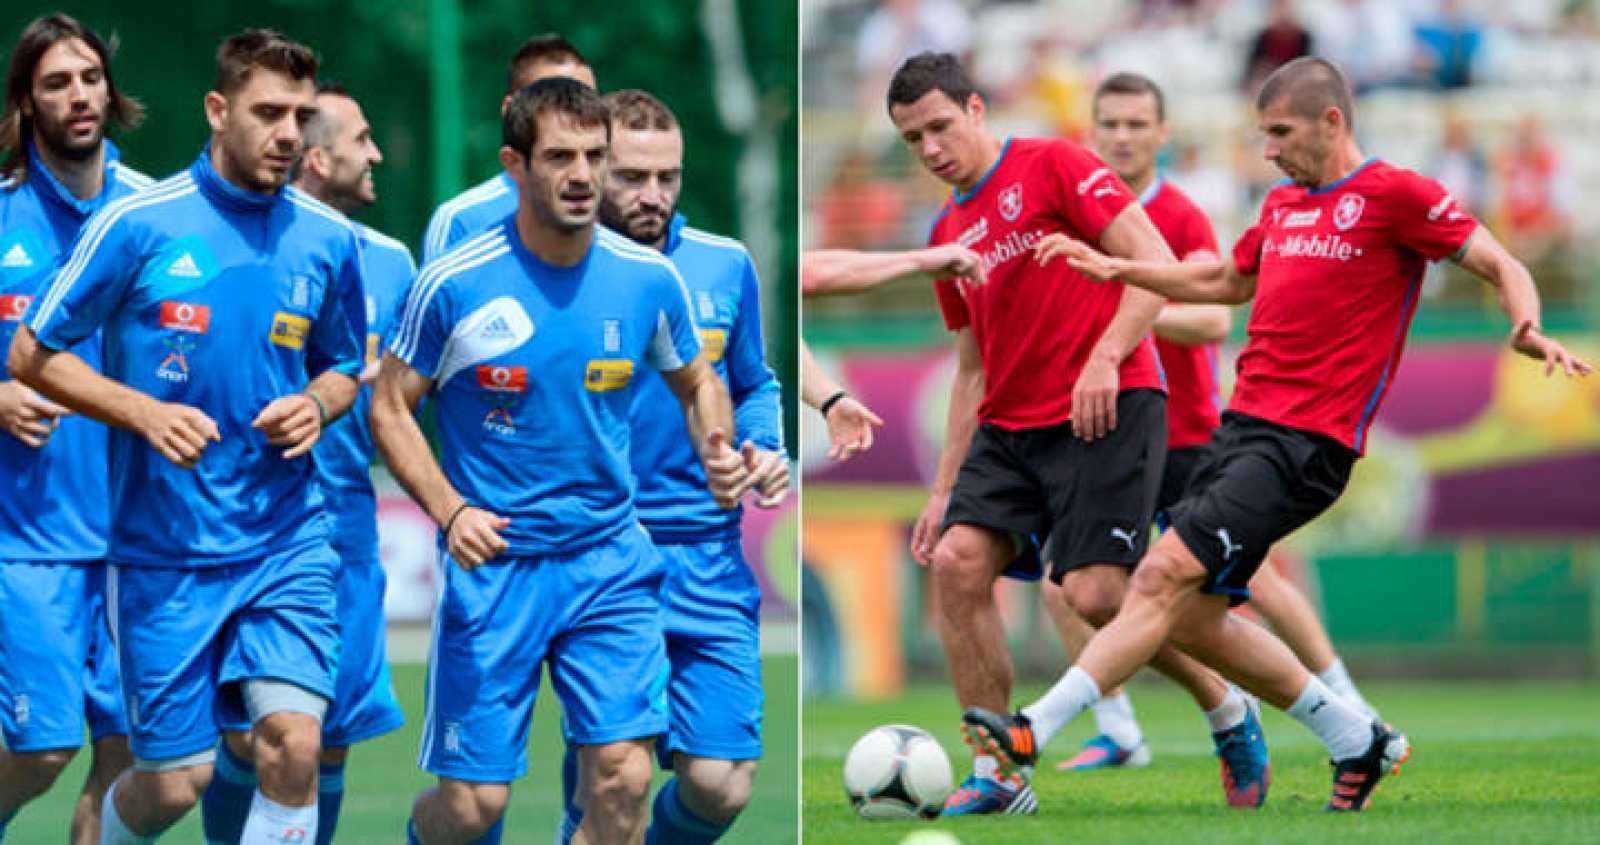 Grecia y República Checa se enfrentan en su segundo partido de la Eurocopa con la necesidad de ganar para seguir aspirando a la clasificación.